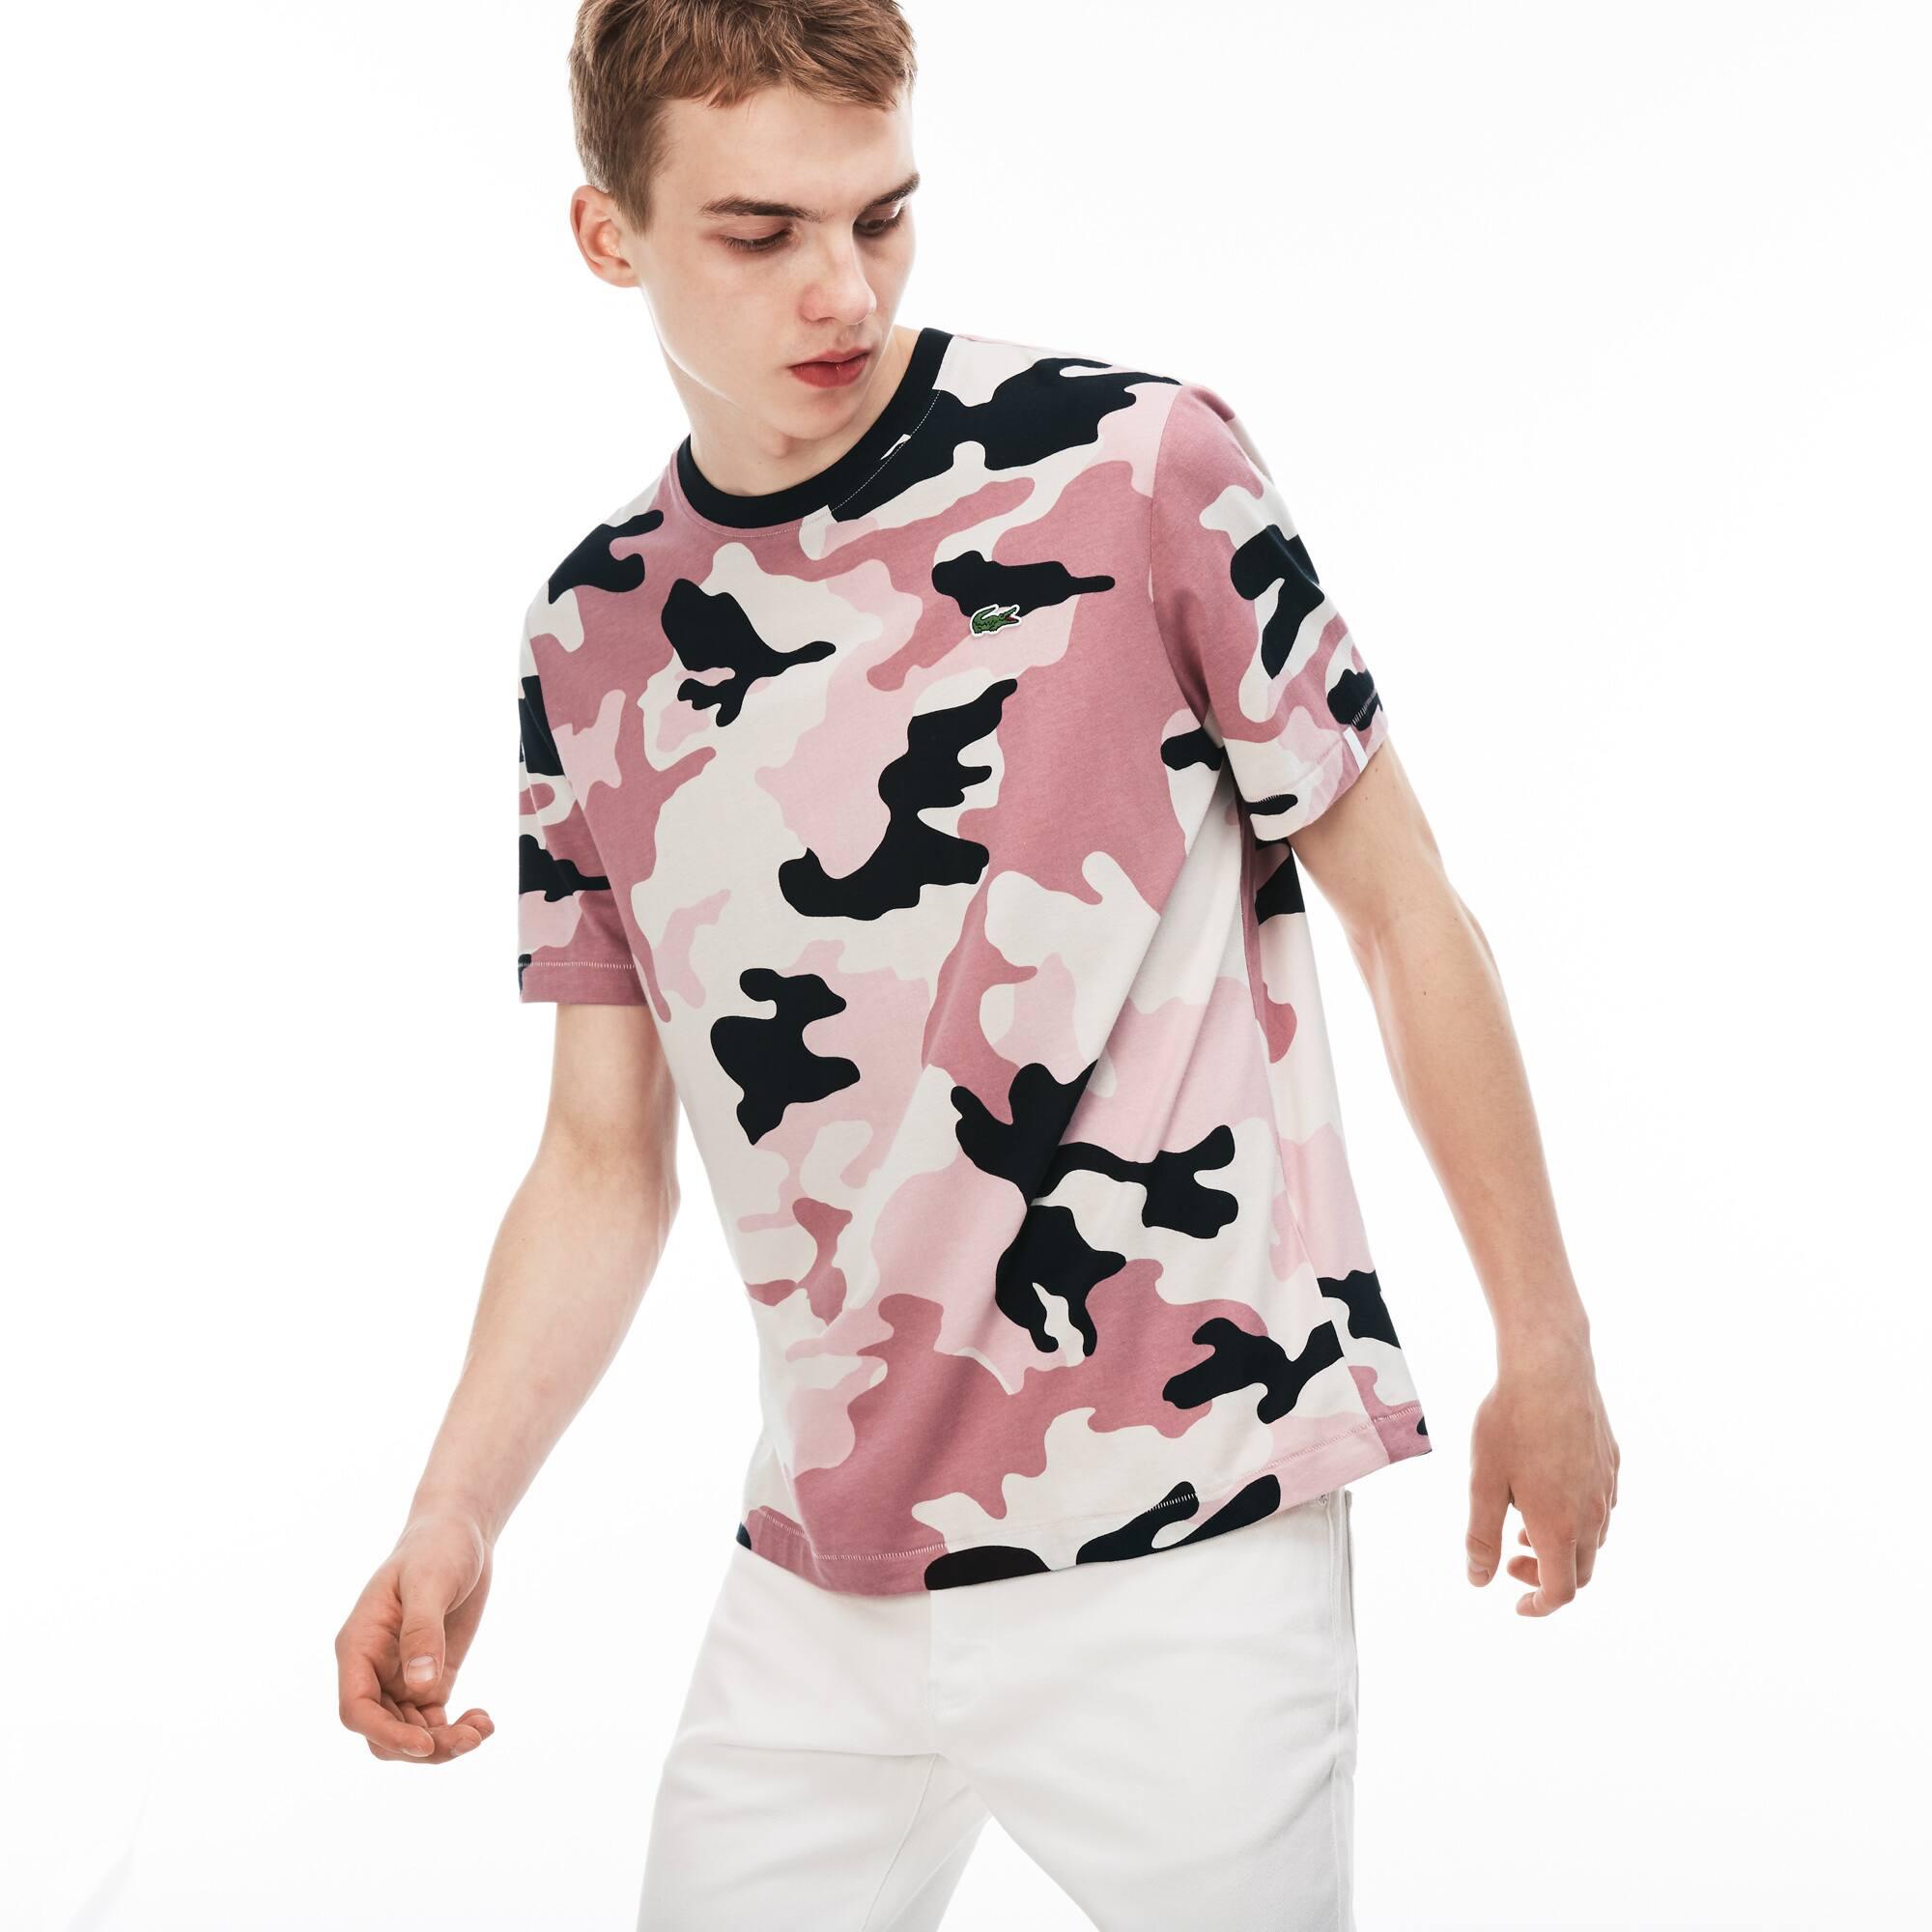 Herren-Rundhals-T-Shirt aus Jersey mit Tarnmuster LACOSTE L!VE